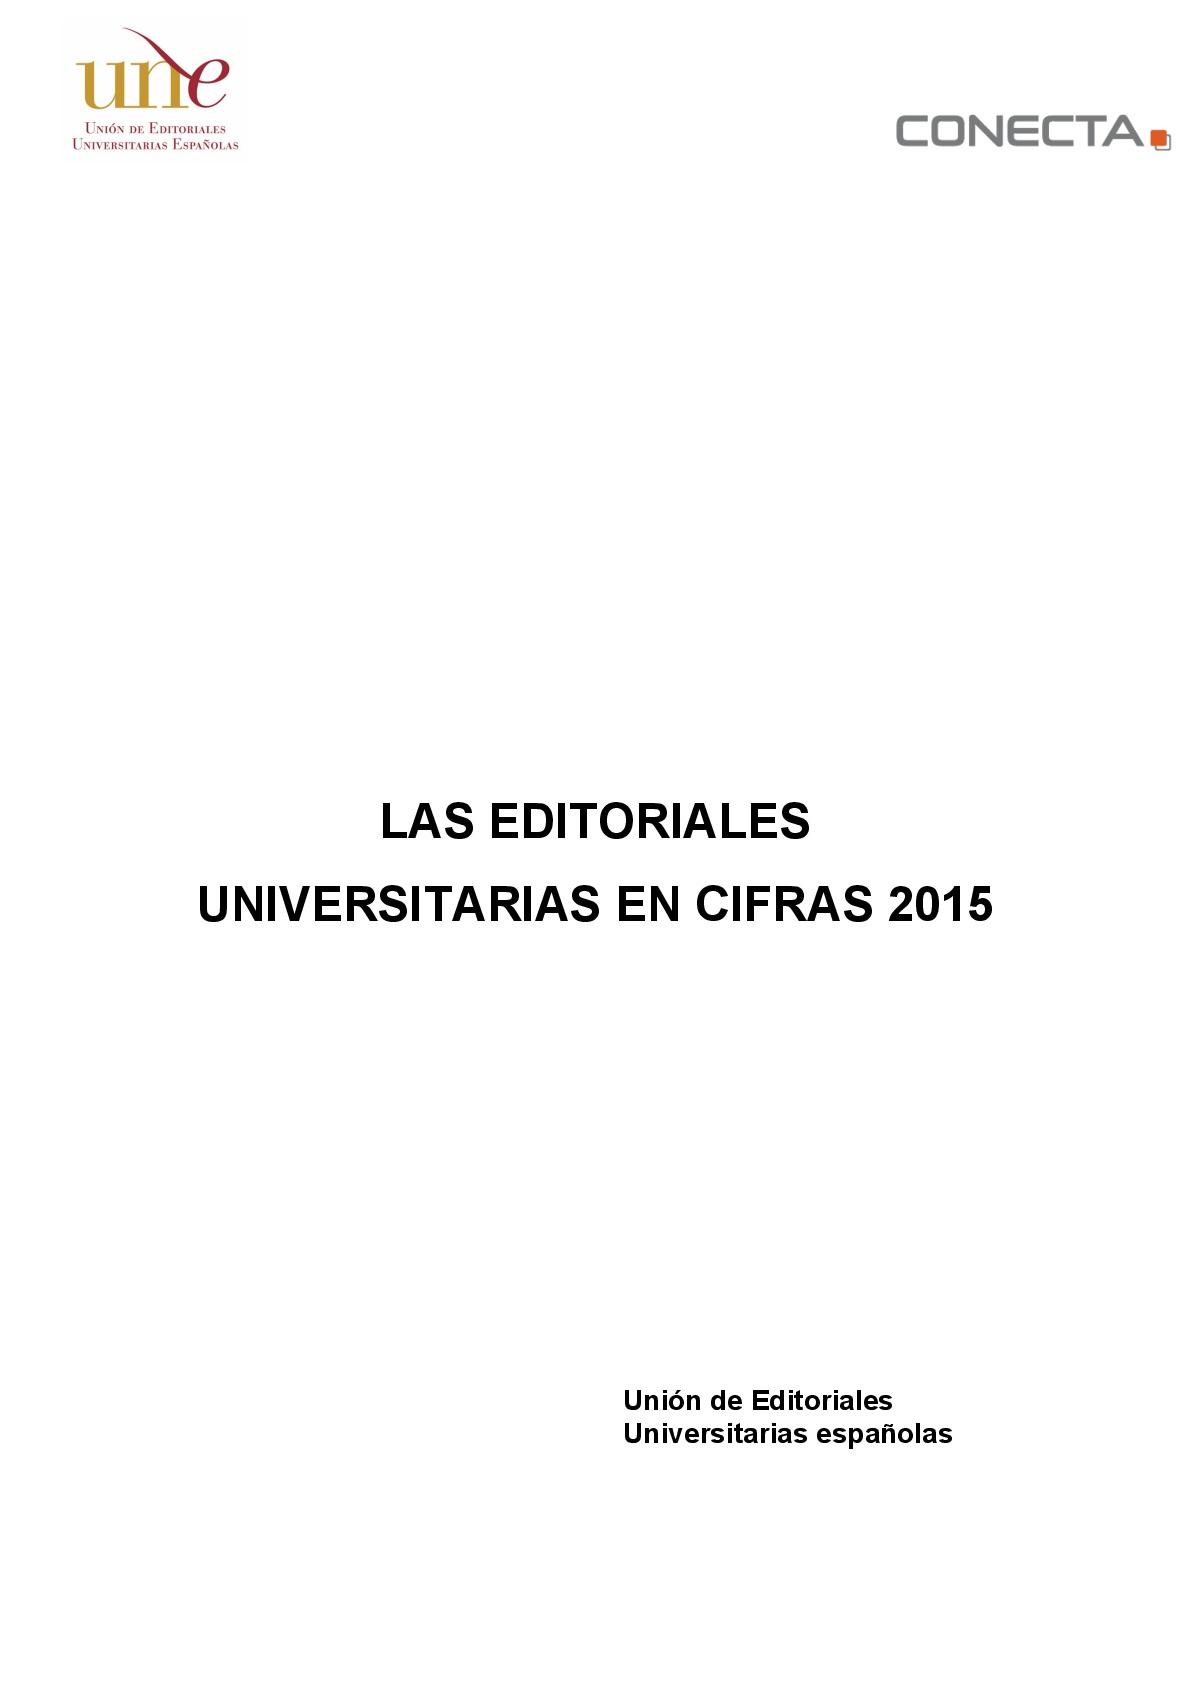 Las editoriales universitarias en cifras 2015